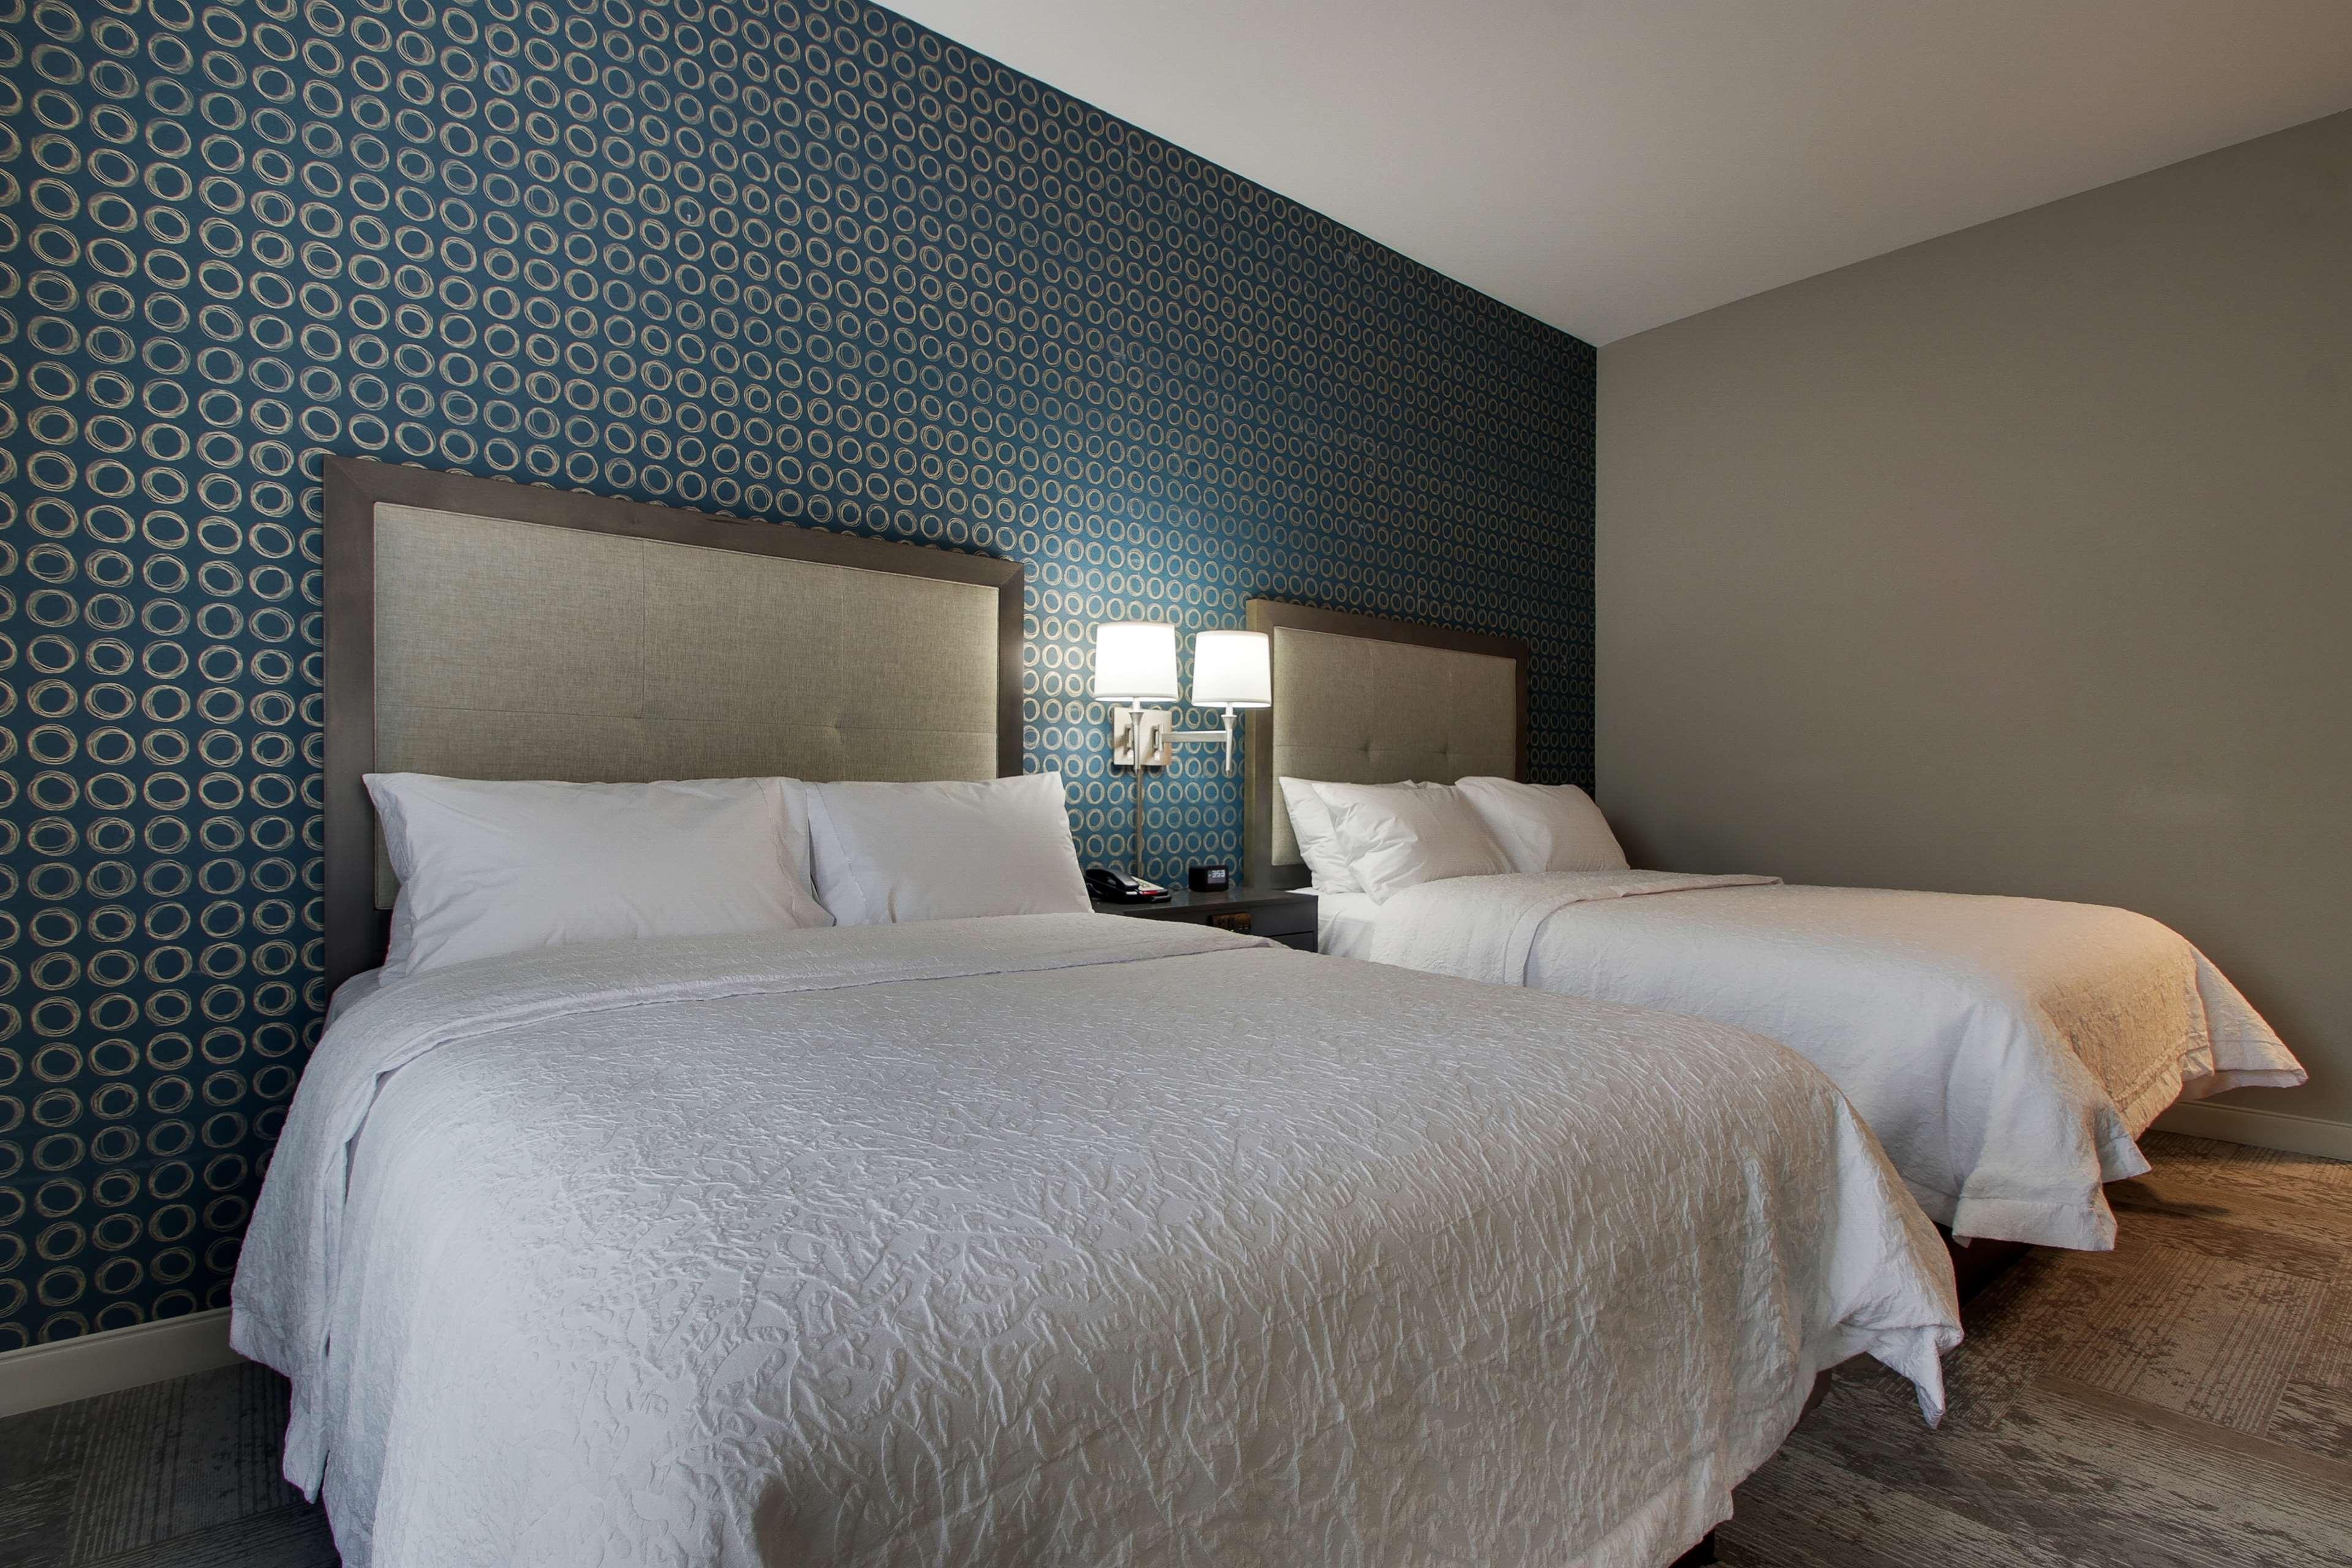 Hampton Inn & Suites Knightdale Raleigh image 15